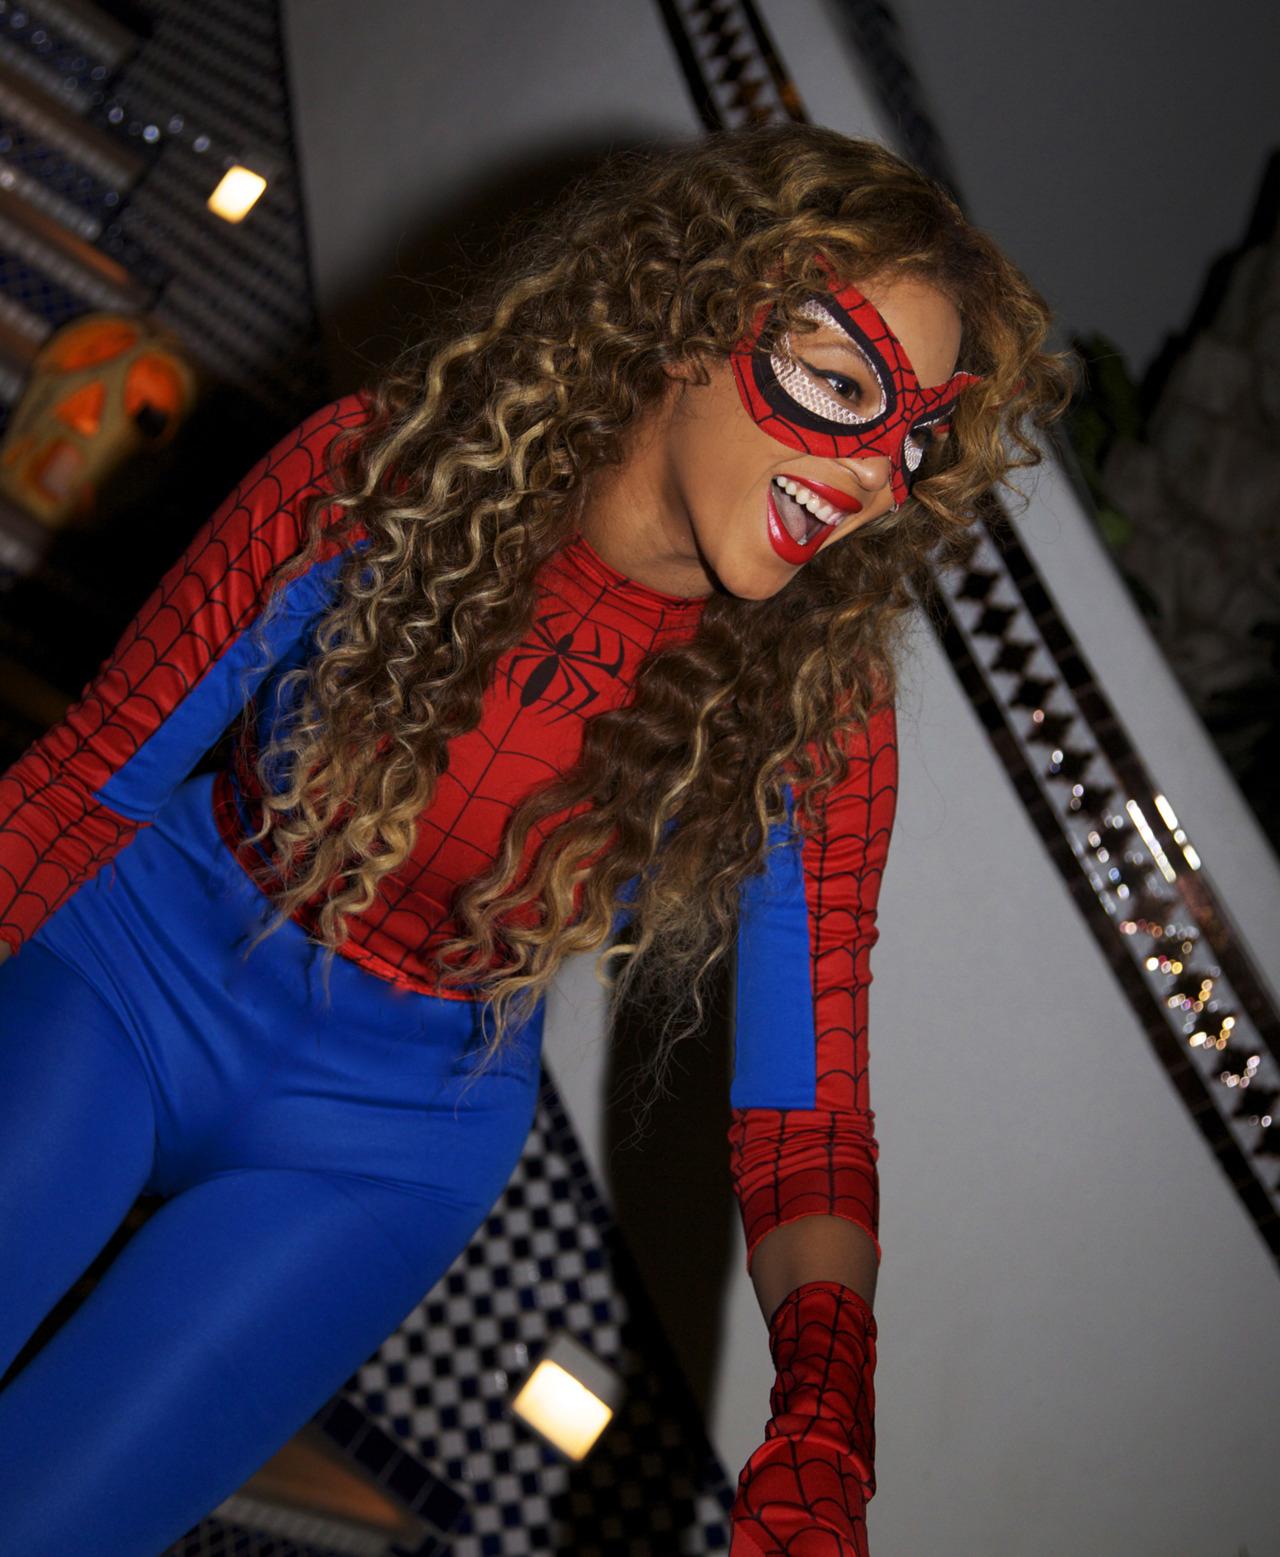 http://3.bp.blogspot.com/-rCs0WIjvXFU/T3_-WOeO-HI/AAAAAAAAHTU/aHfMjpkVchI/s1600/Beyonce-FANCY-DRESS.jpg